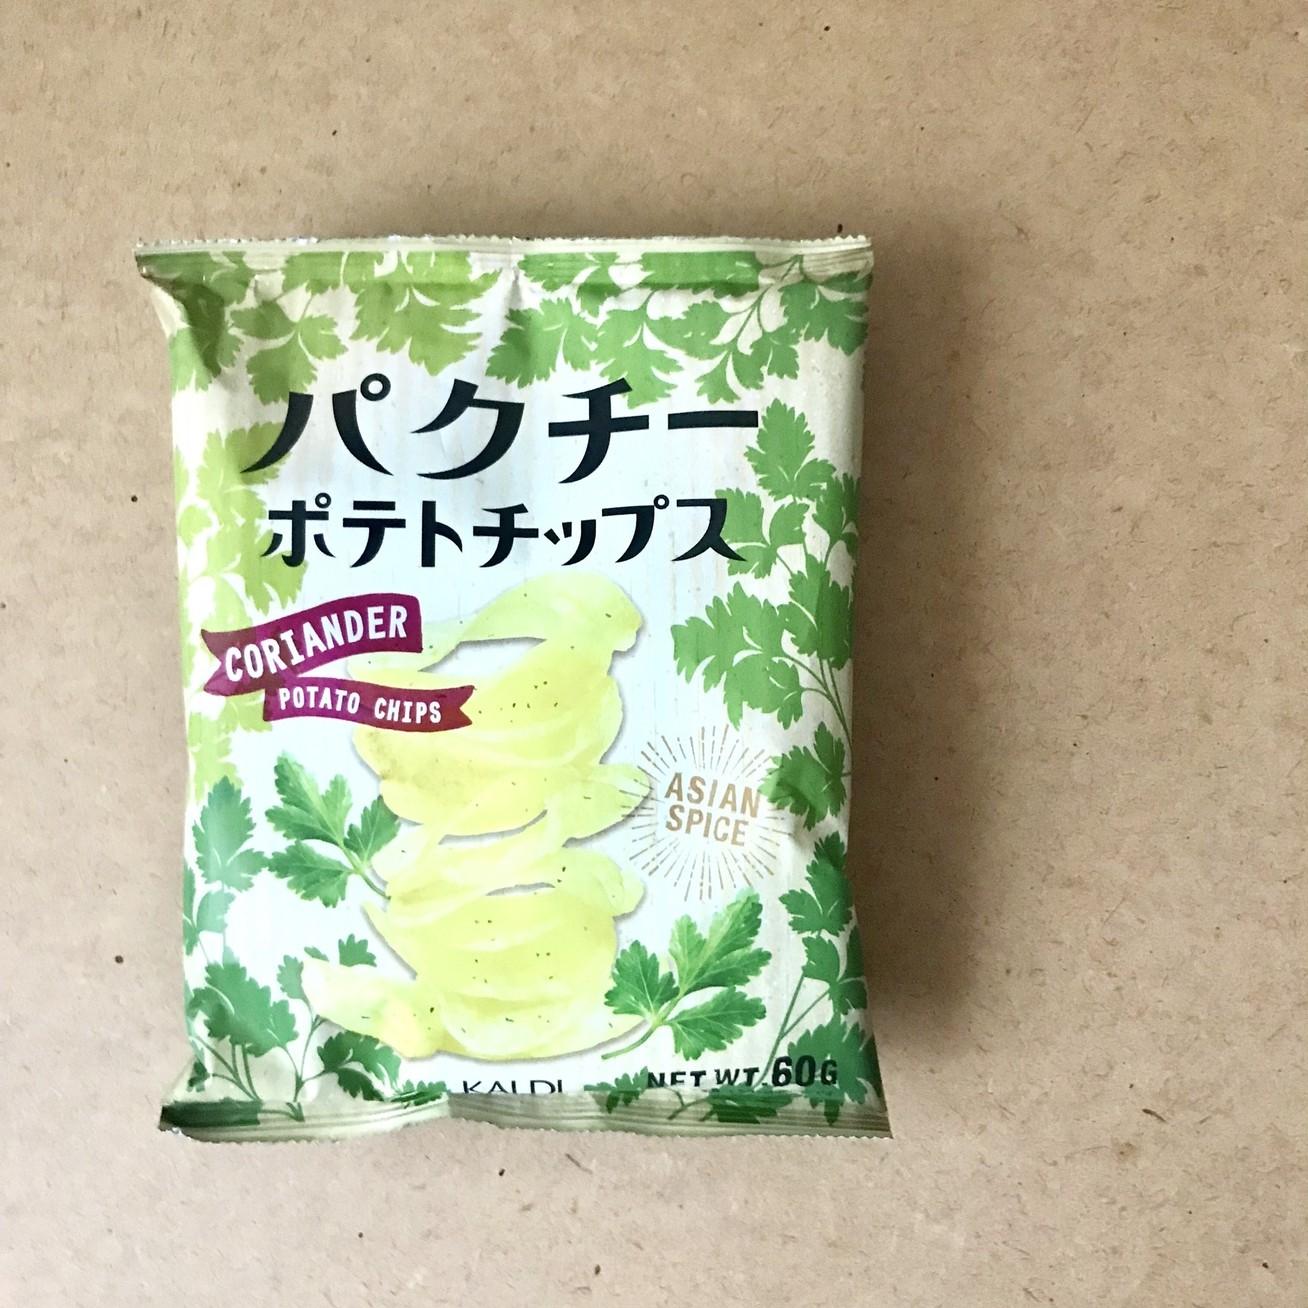 【カルディ(KALDI)】エディターおすすめお菓子&デザート&おつまみ(パクチーポテトチップス)